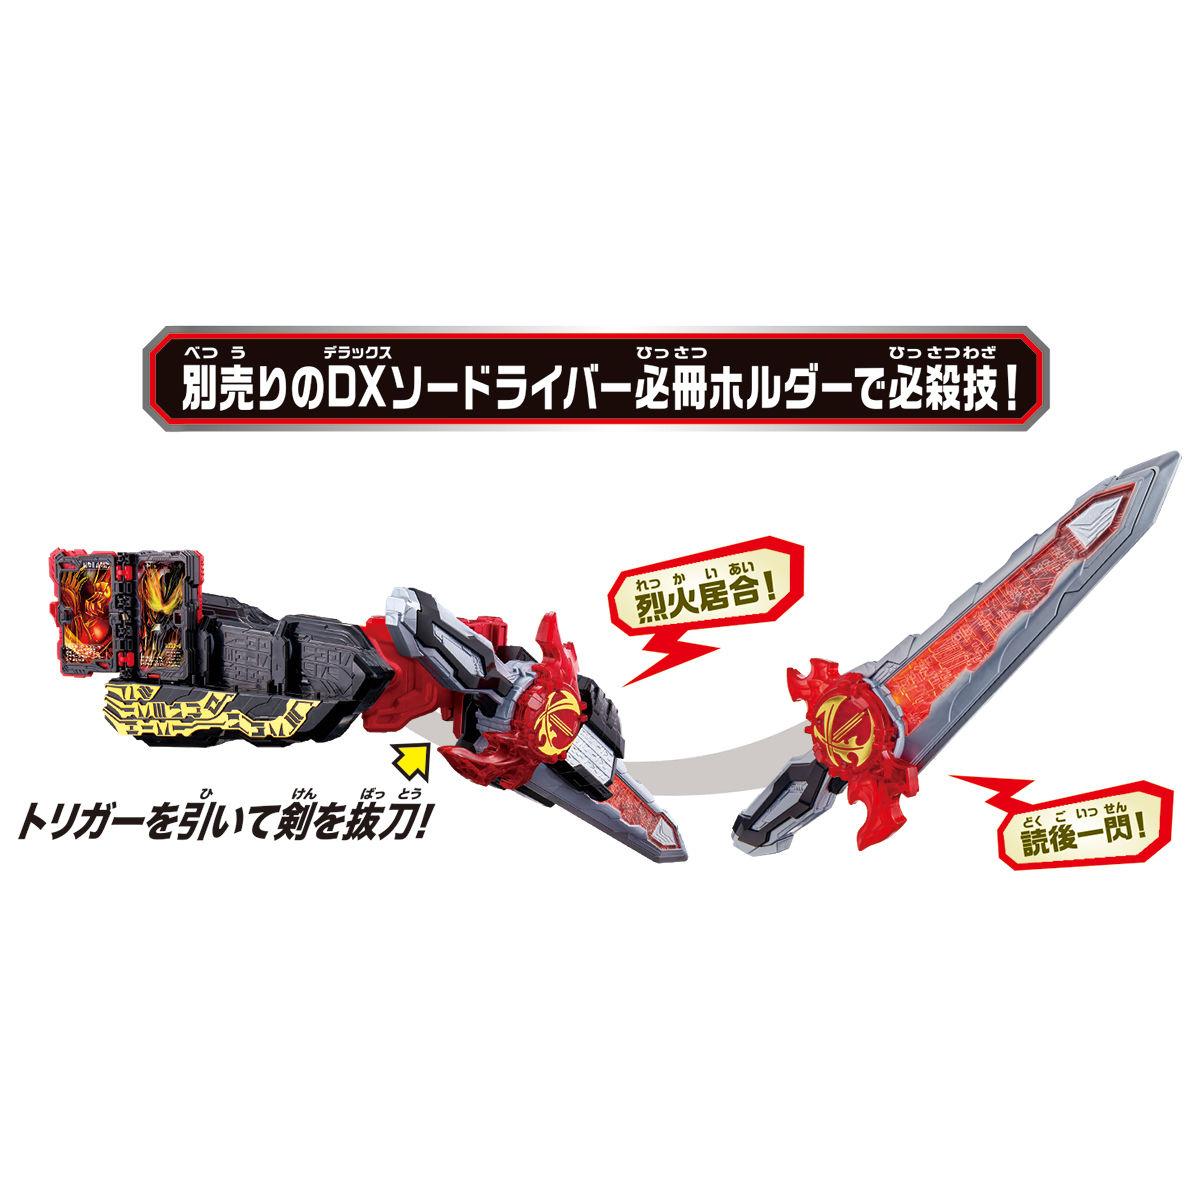 変身ベルト DX聖剣ソードライバー